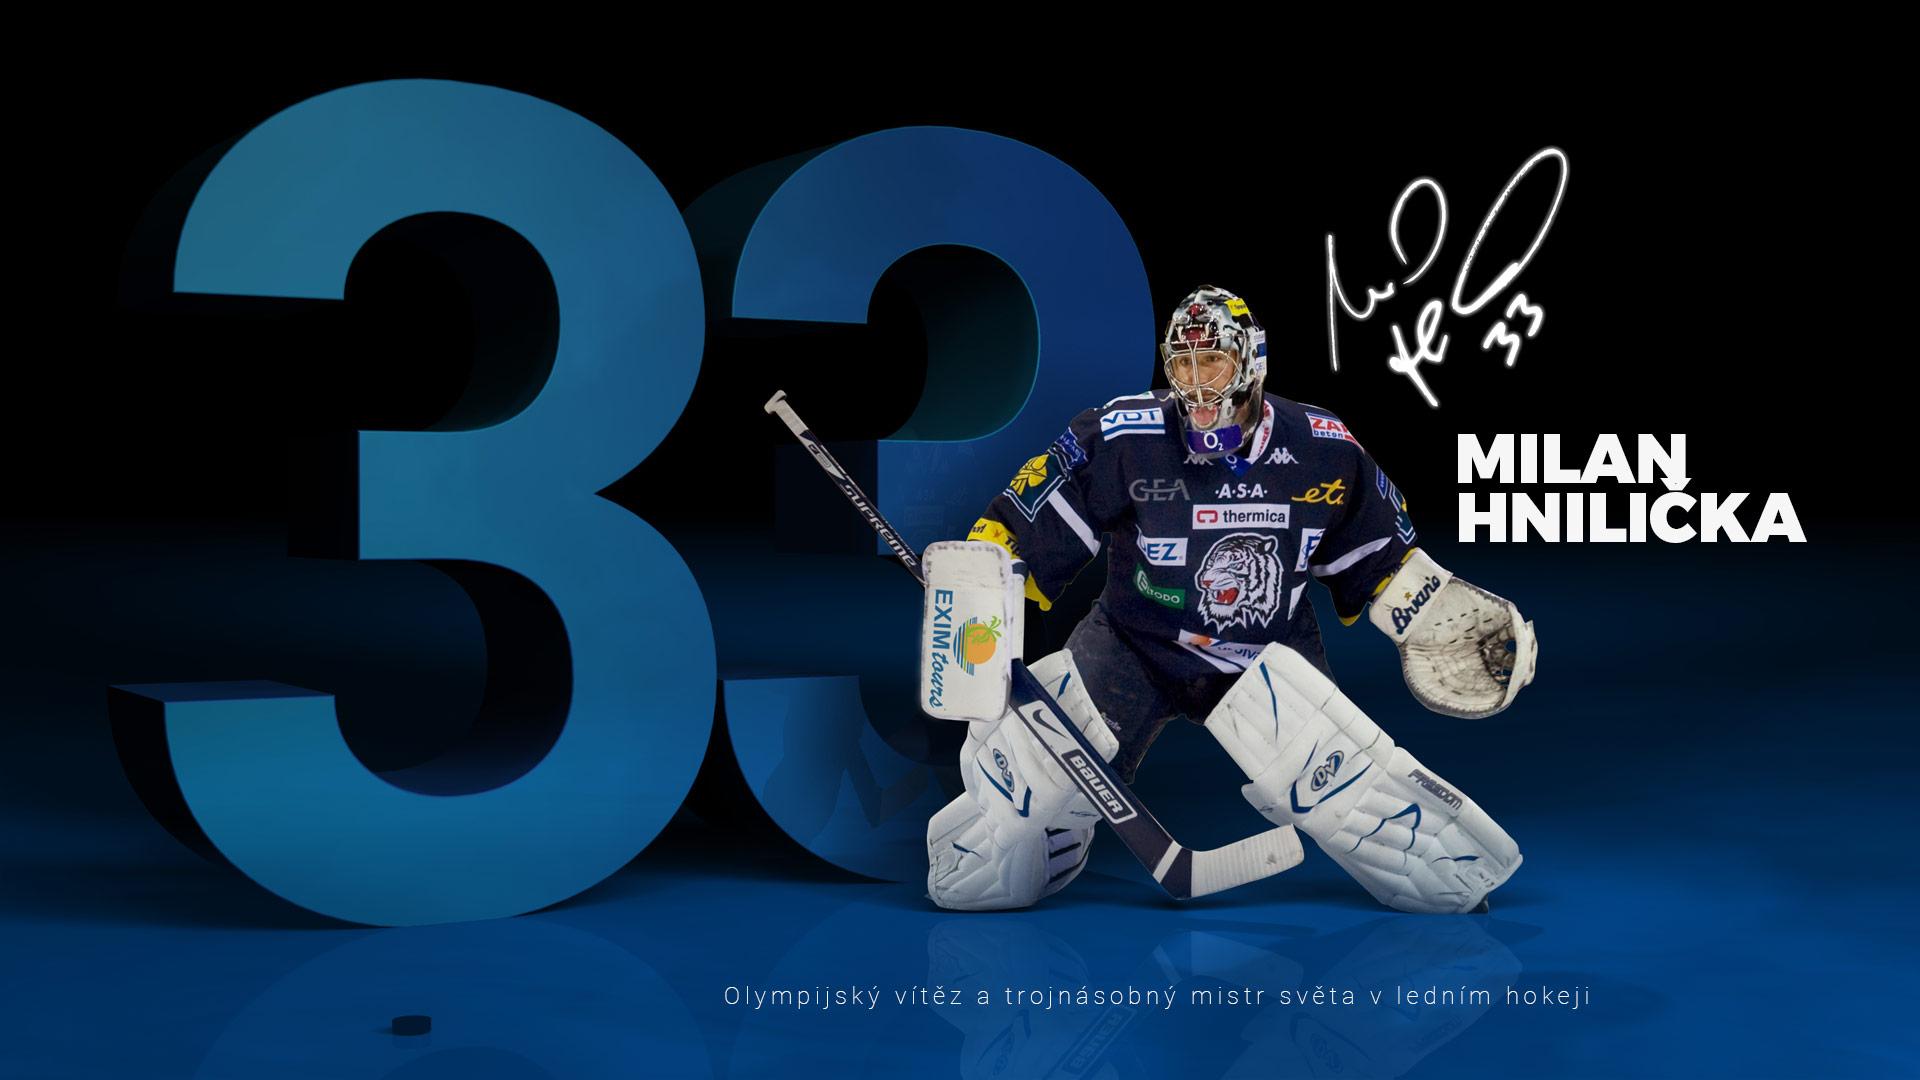 33 Milan Hnilička | Olympijský vítěz a trojnásobný mistr světa v ledním hokeji